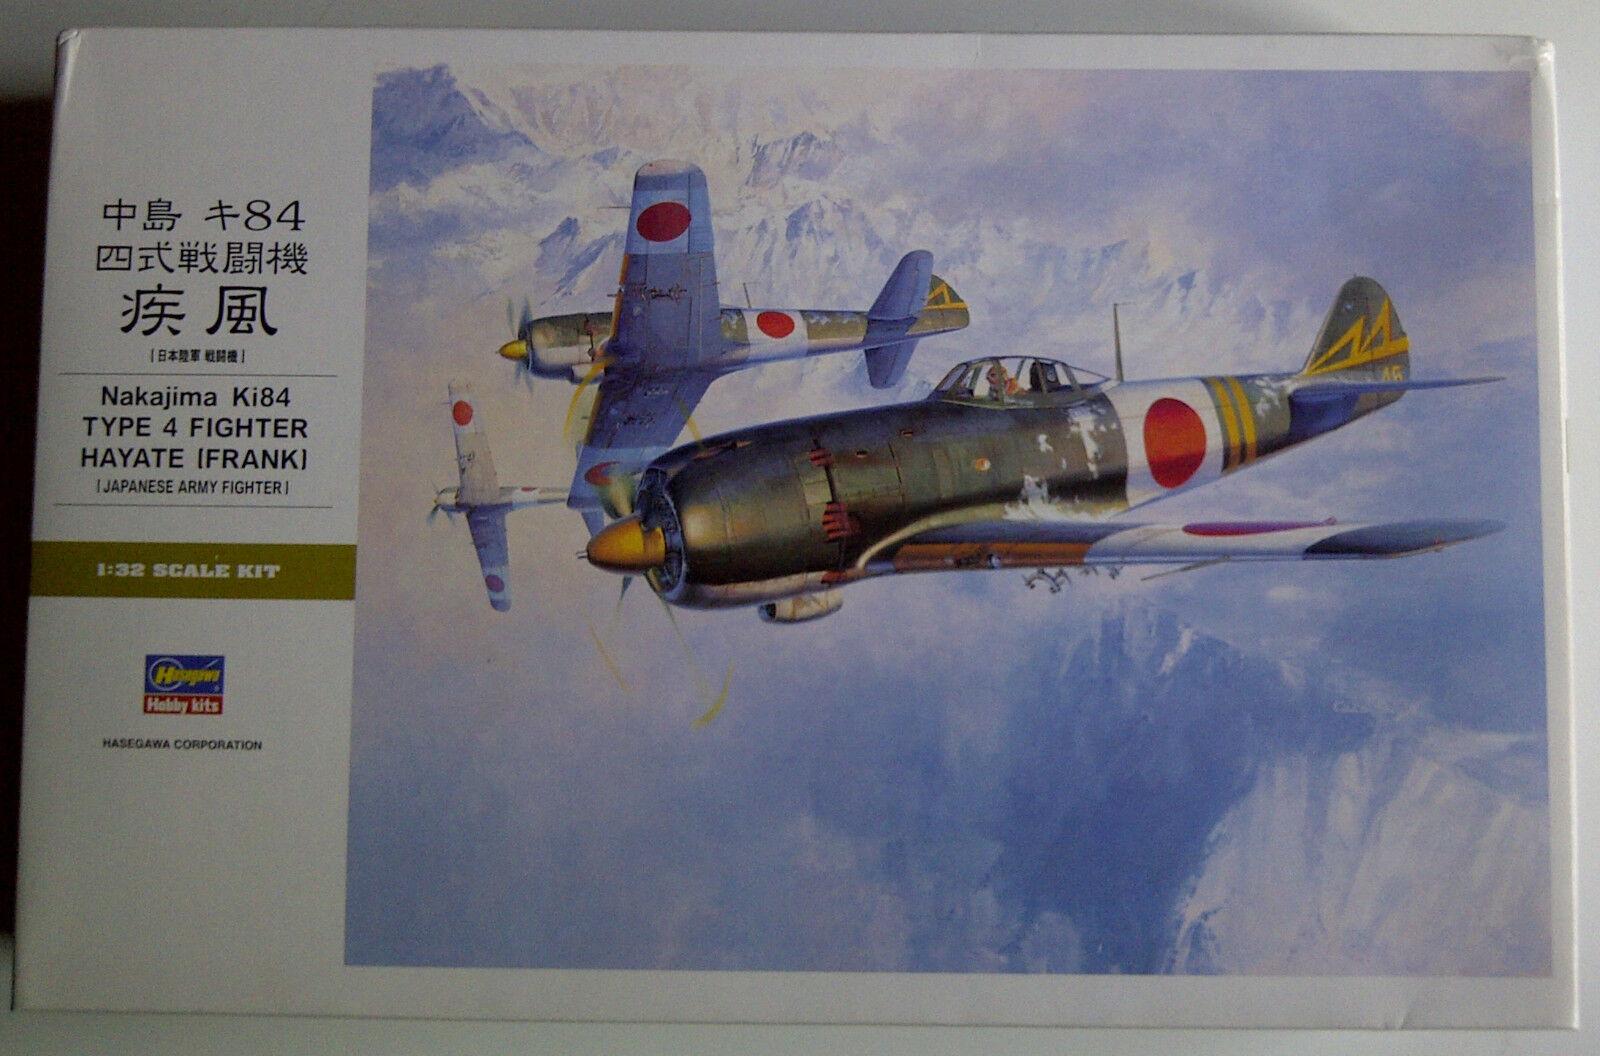 1:32 Hasegawa scale plastic model kit Nakajima Ki-84 Hayate  Frank  ST24